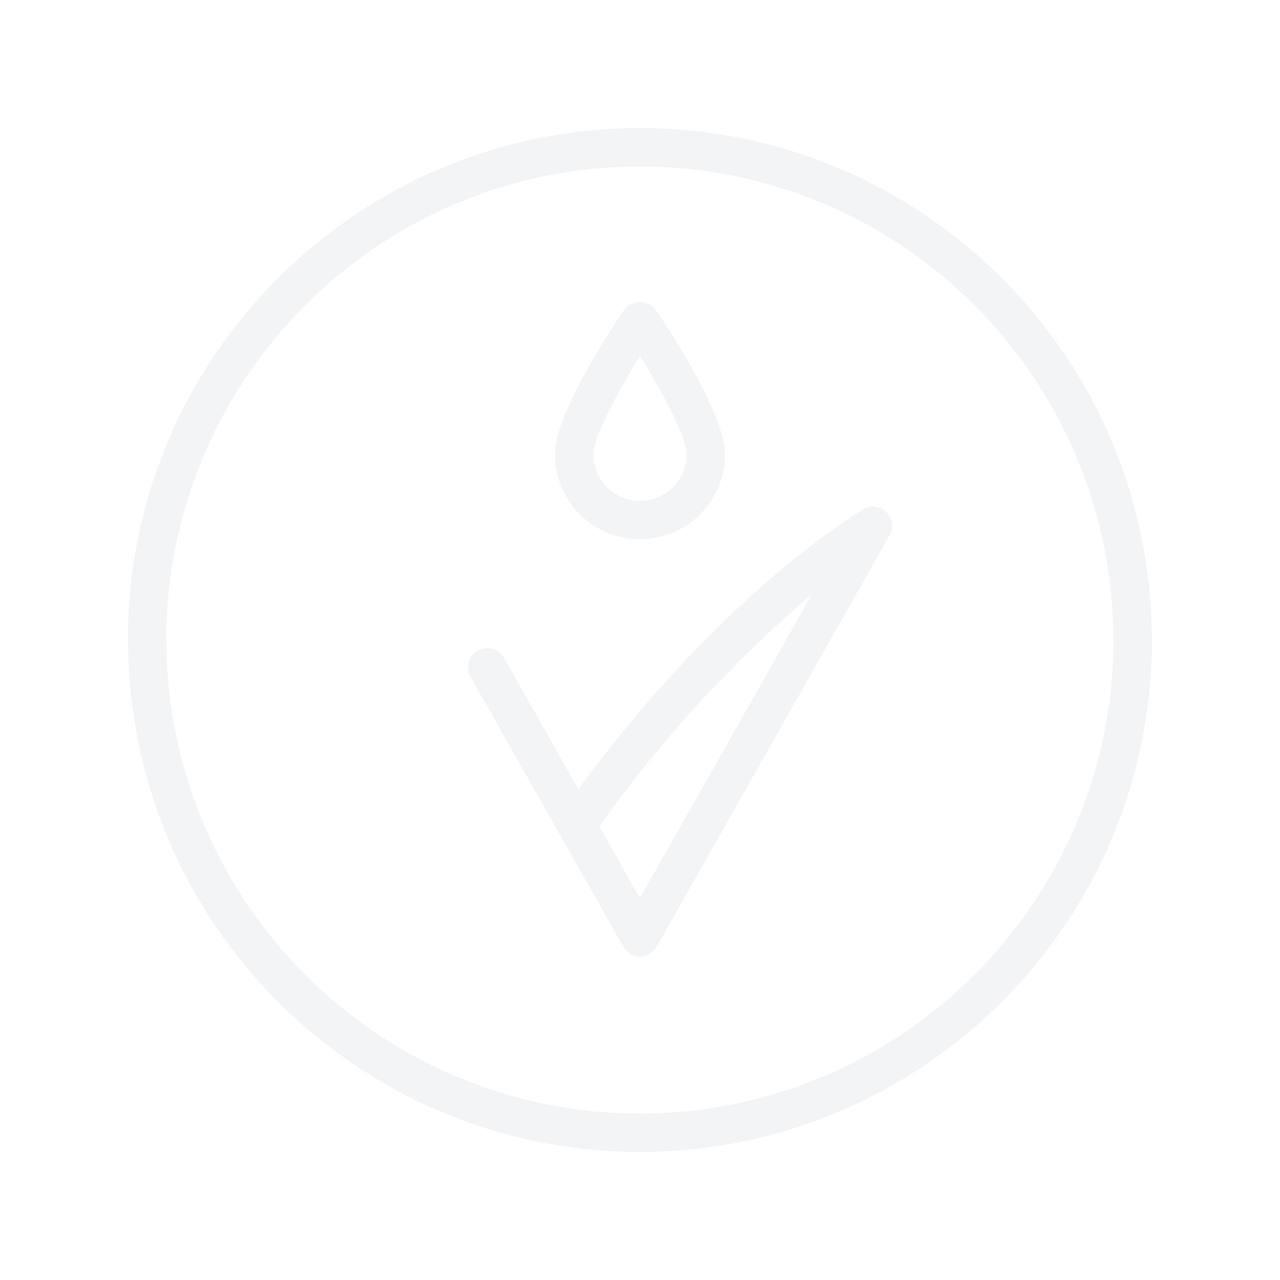 Dior Higher EDT 50ml